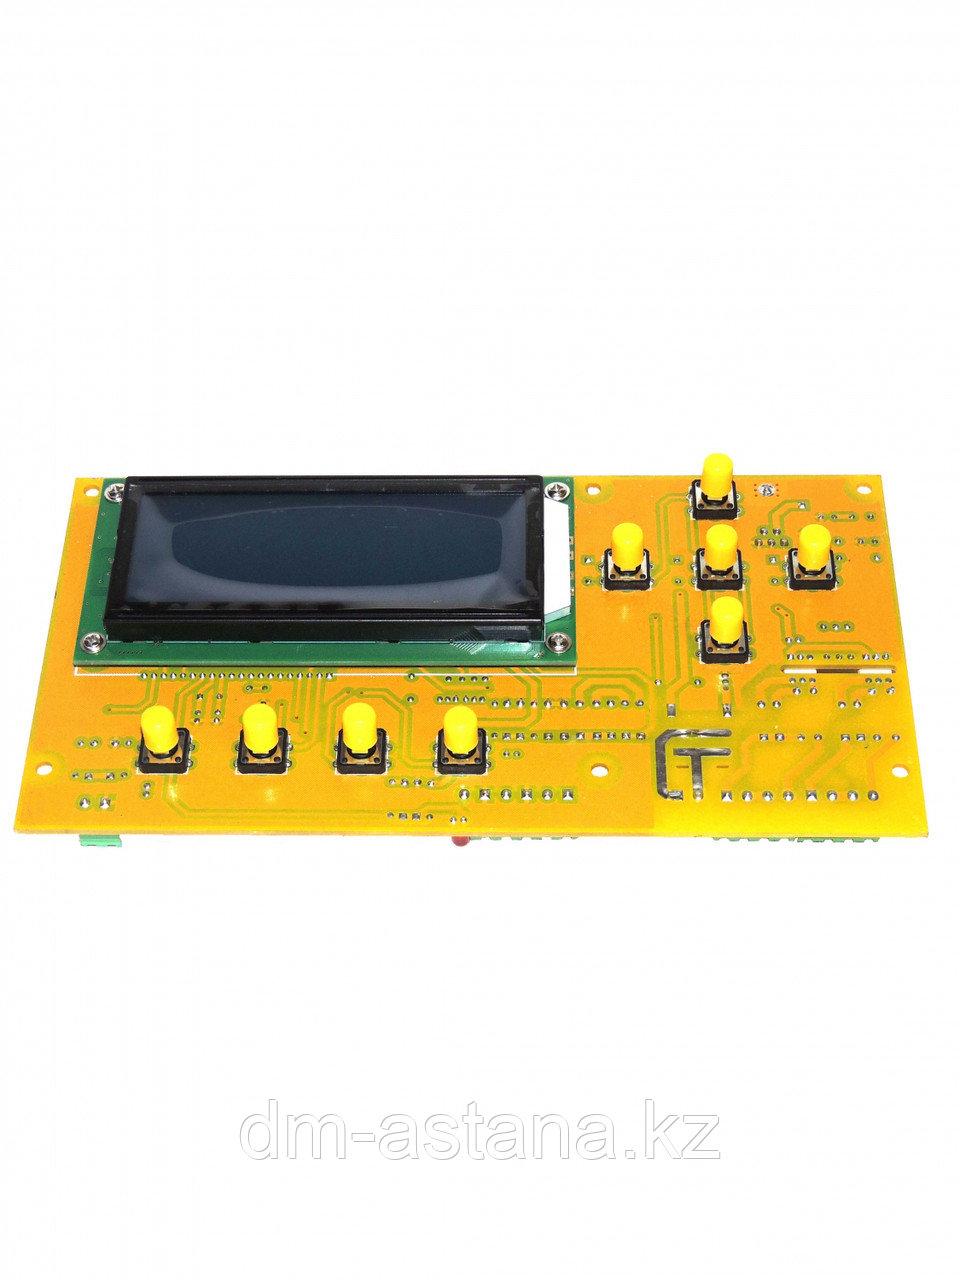 Плата (контроллер) управления центральная для NORDBERG WS10